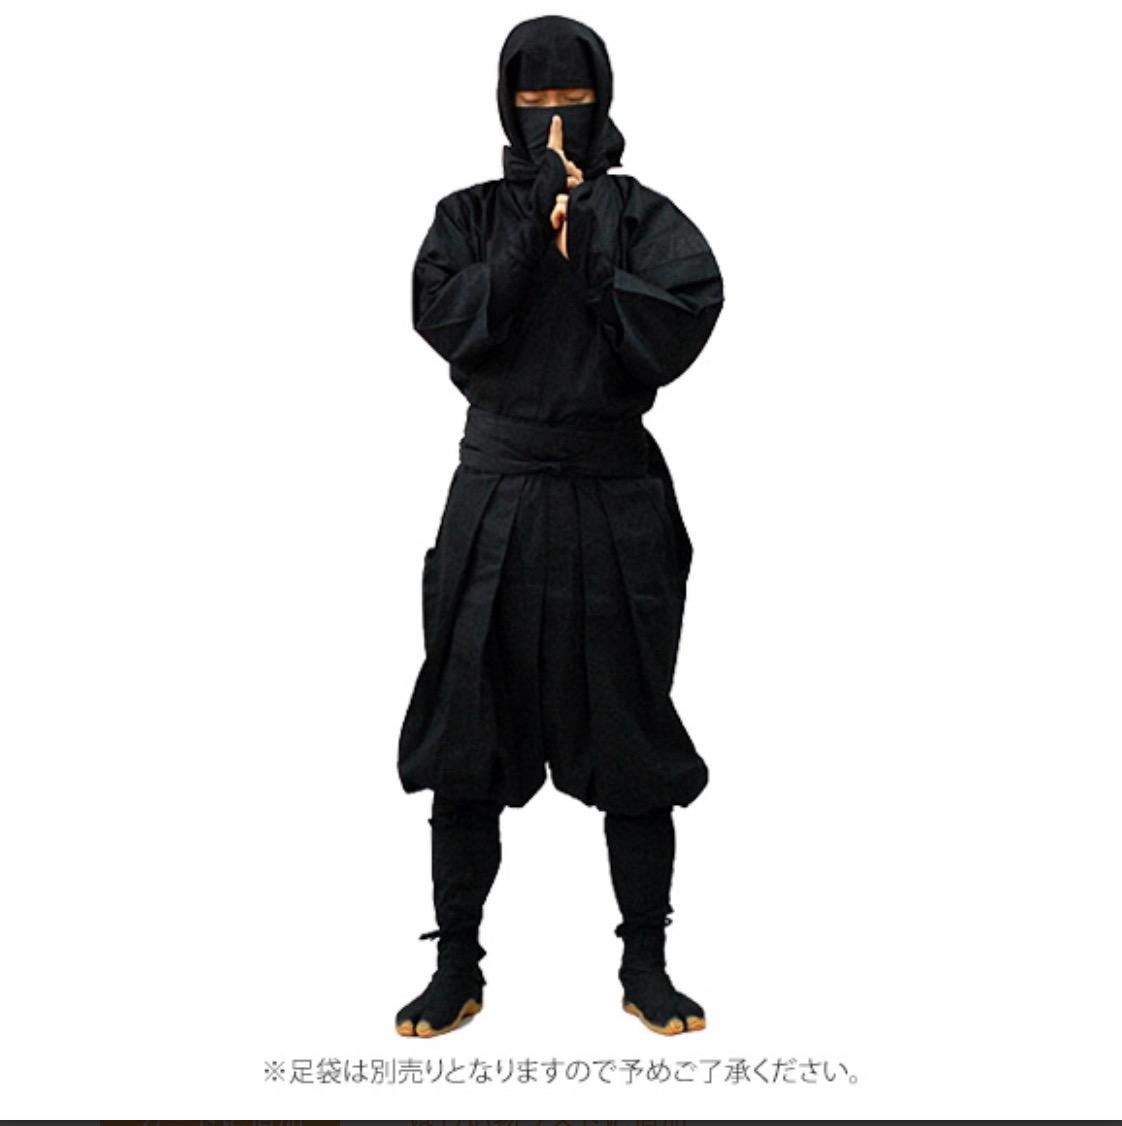 伊贺忍者服套装(9件套)含地下足袋